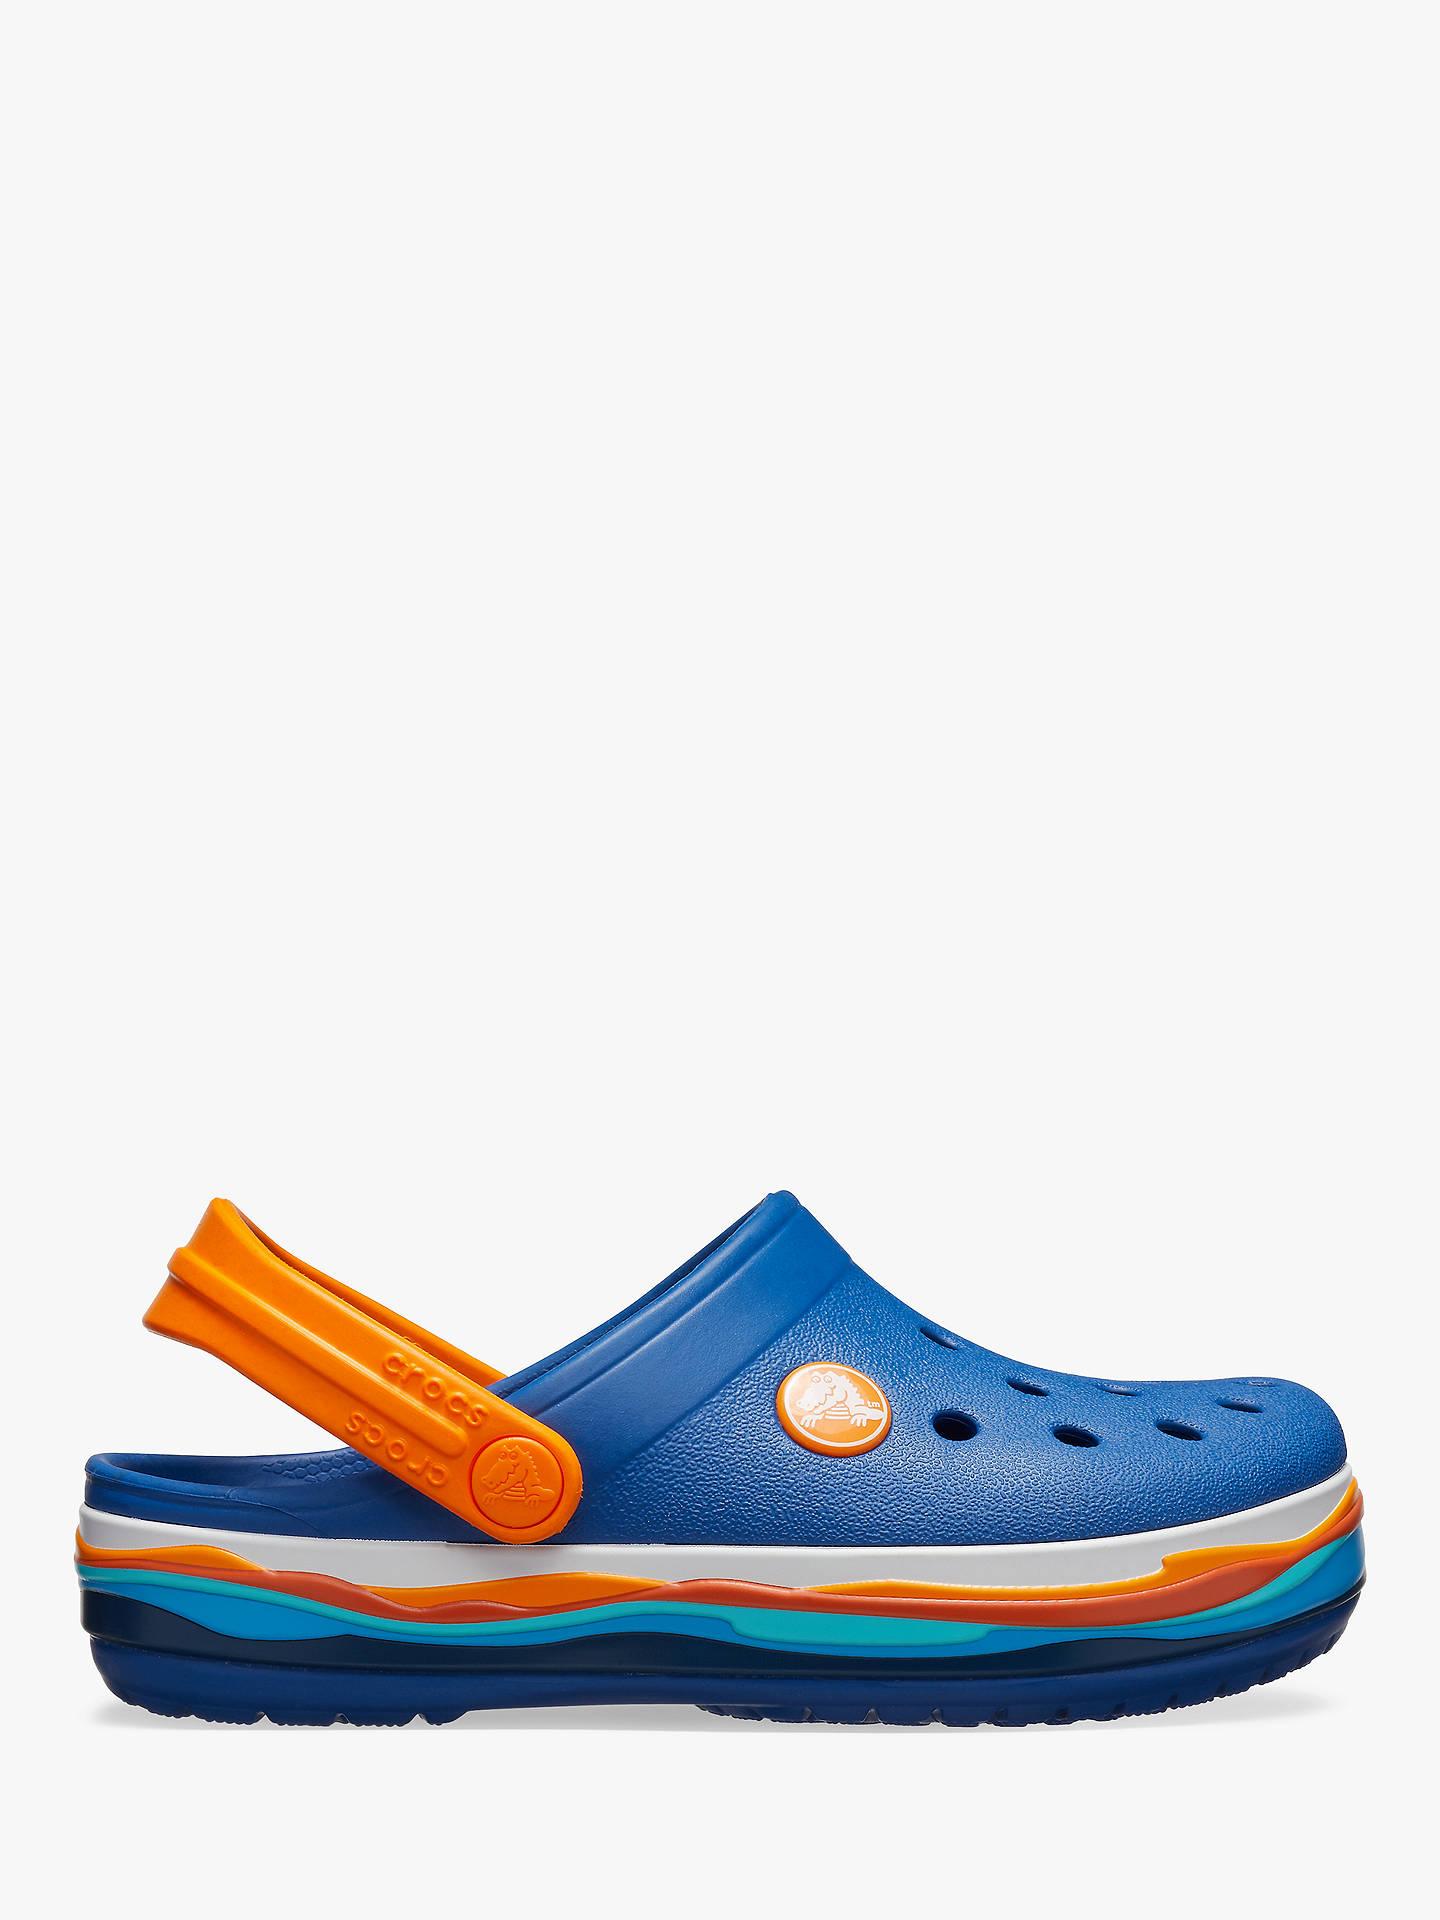 bee67de72 Buy Crocs Children s Classic Wavy Band Croc Clogs